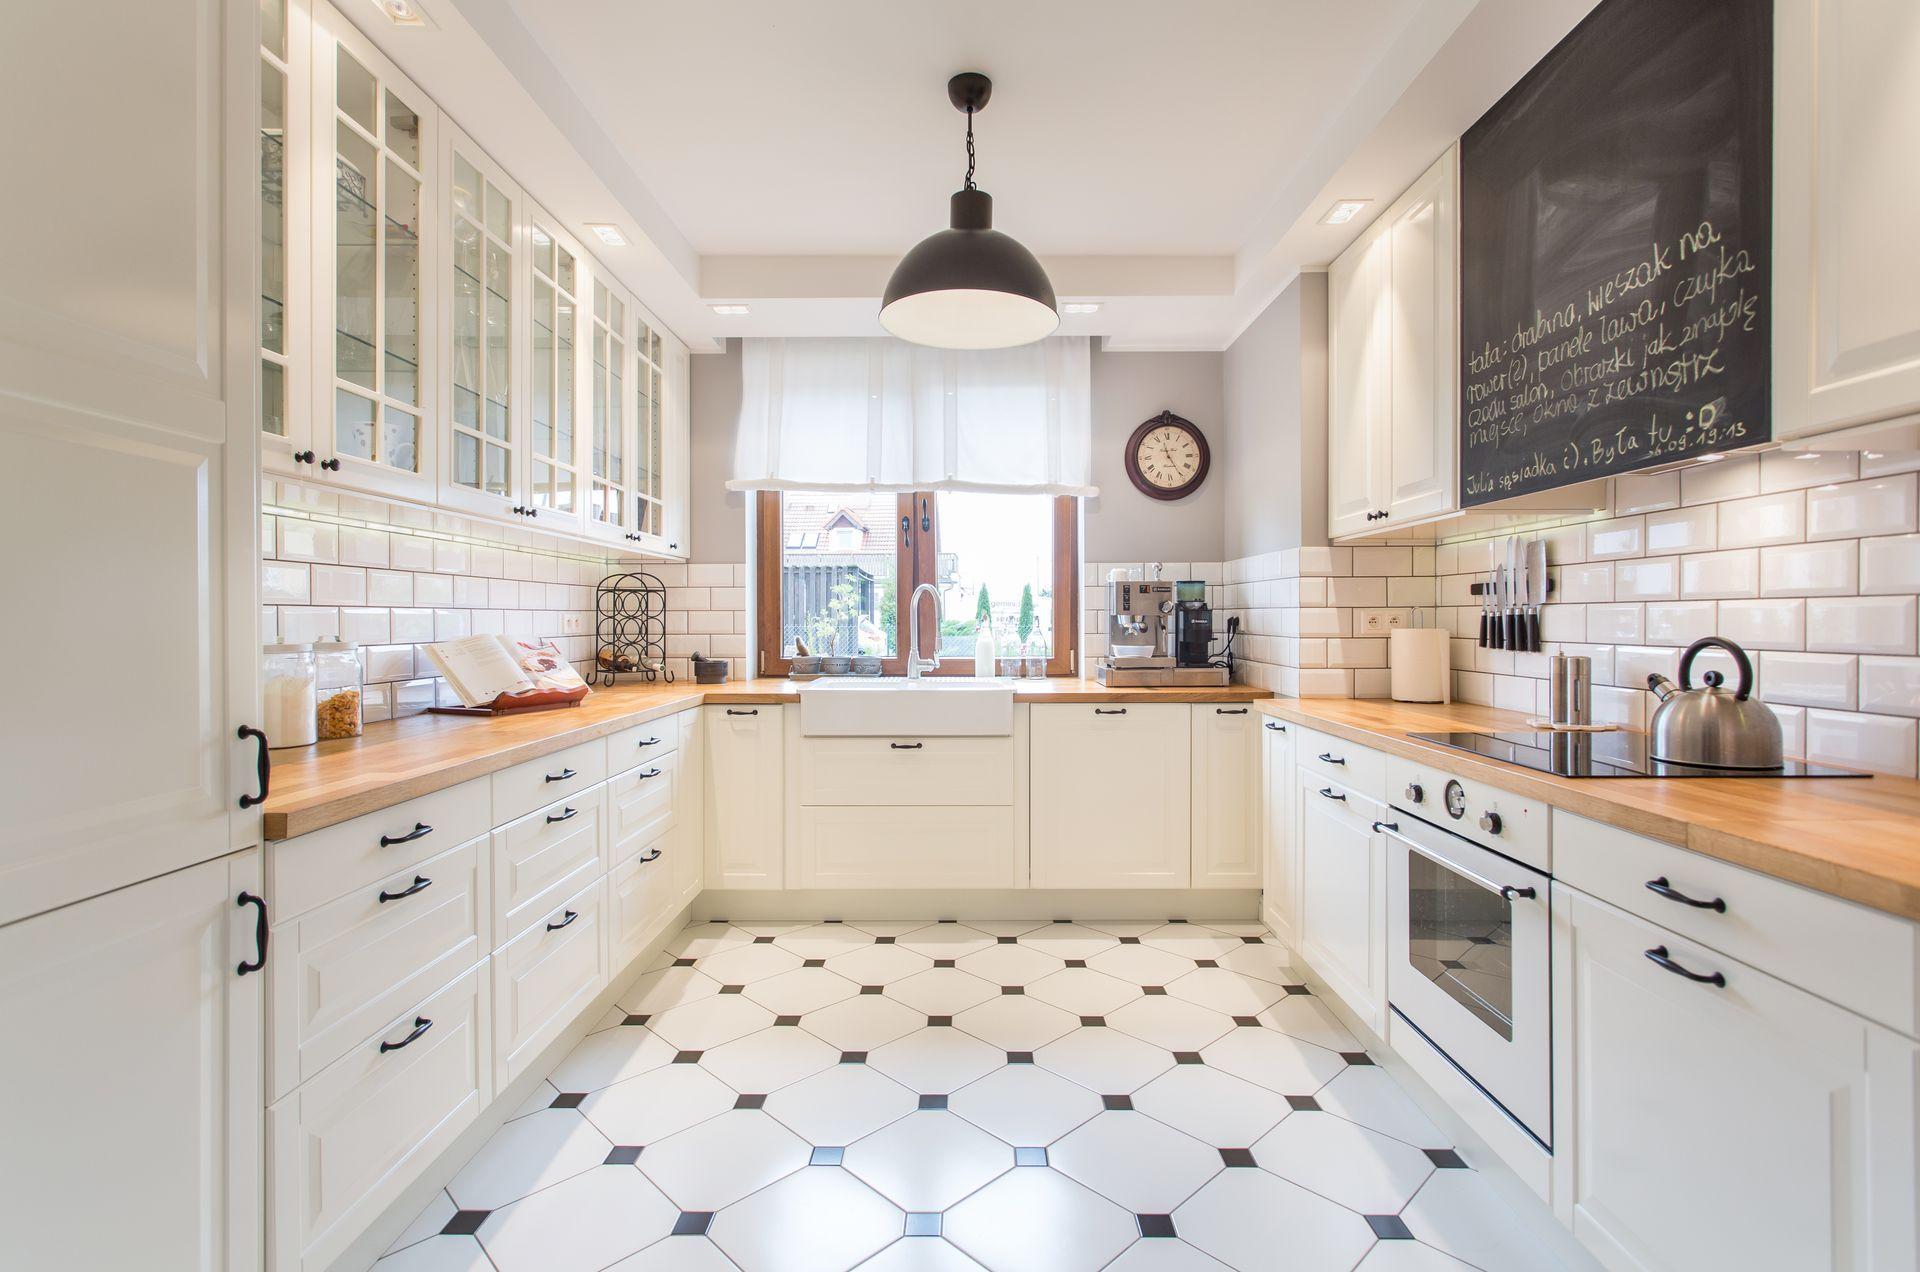 Jak Wykonczyc Sciane W Kuchni Z Drewnianym Blatem Dobieramy Idealne Plytki Ih Internity Home Modern Kitchen Flooring Kitchen Flooring Modern Kitchen